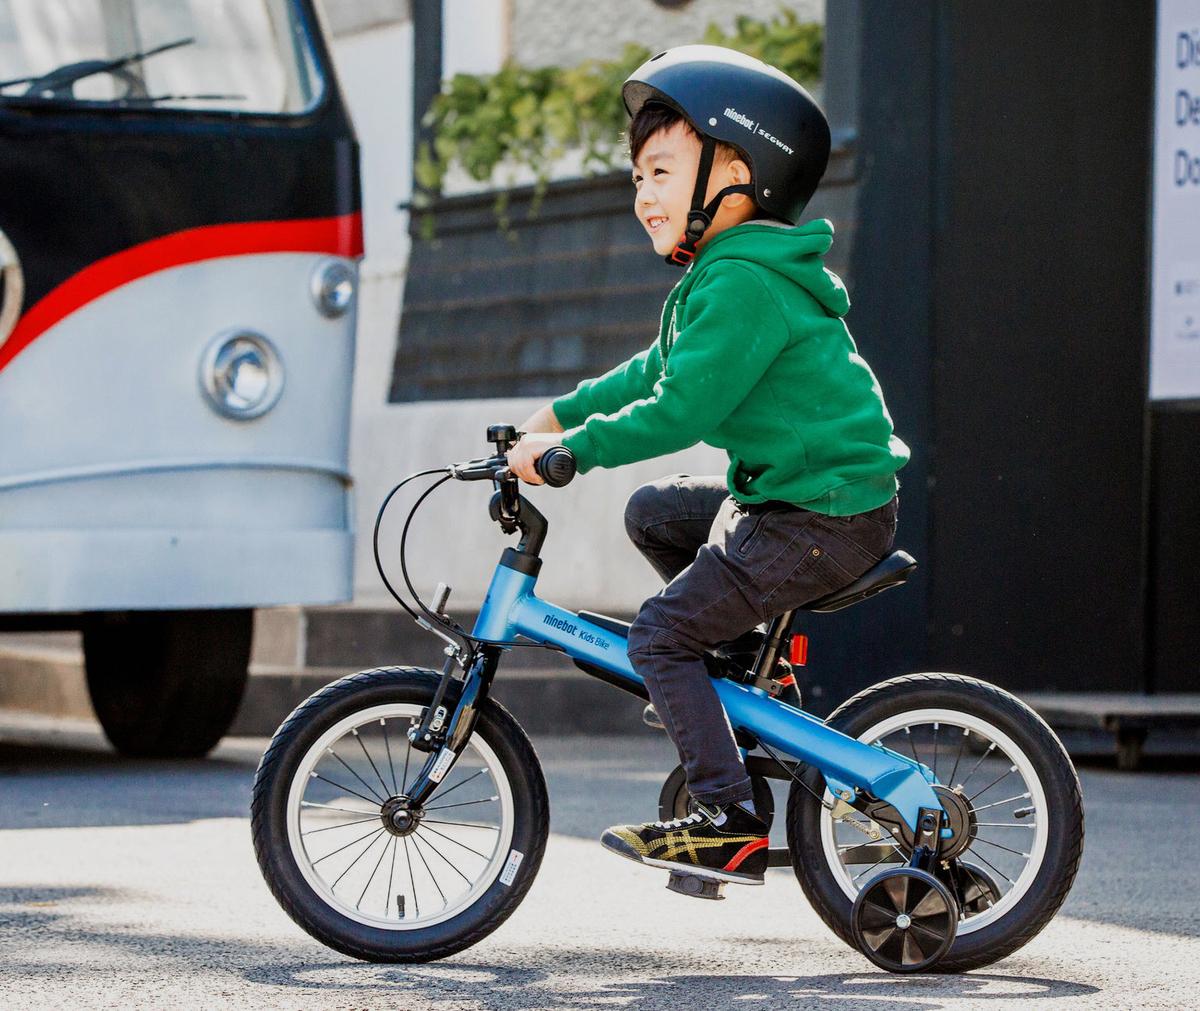 Hướng dẫn kiểm tra chất lượng xe đạp đồ chơi trẻ em nhập khẩu